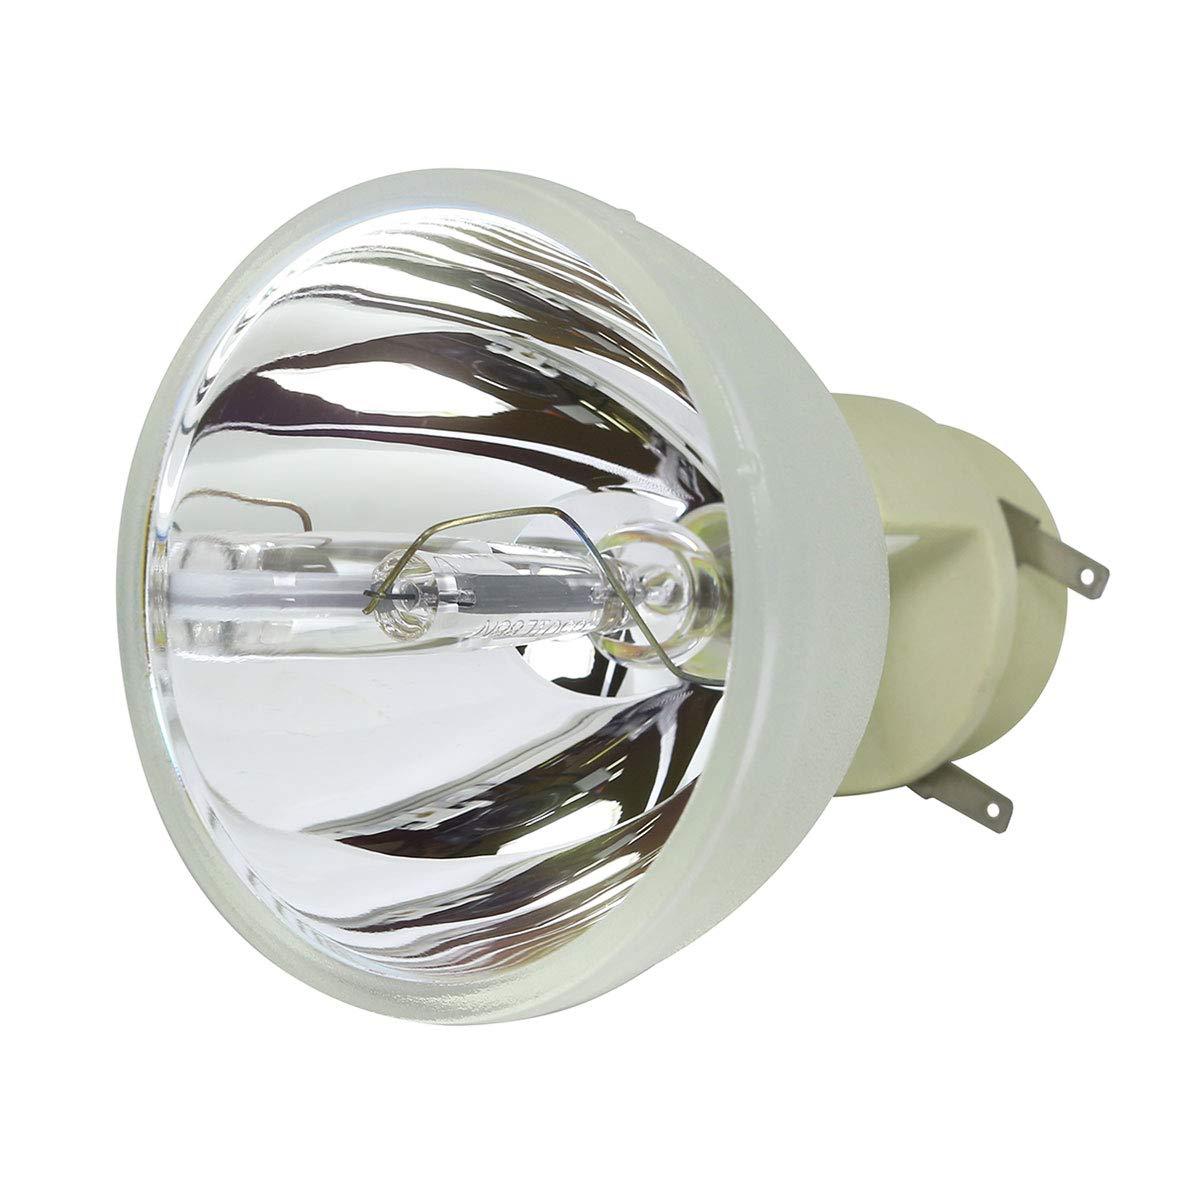 LYTIO Vivitek 5811122363-SVV プロジェクターランプ用プレミアムランプ 5811122363 SVV(オリジナルOEM電球) B07JJ62SSR